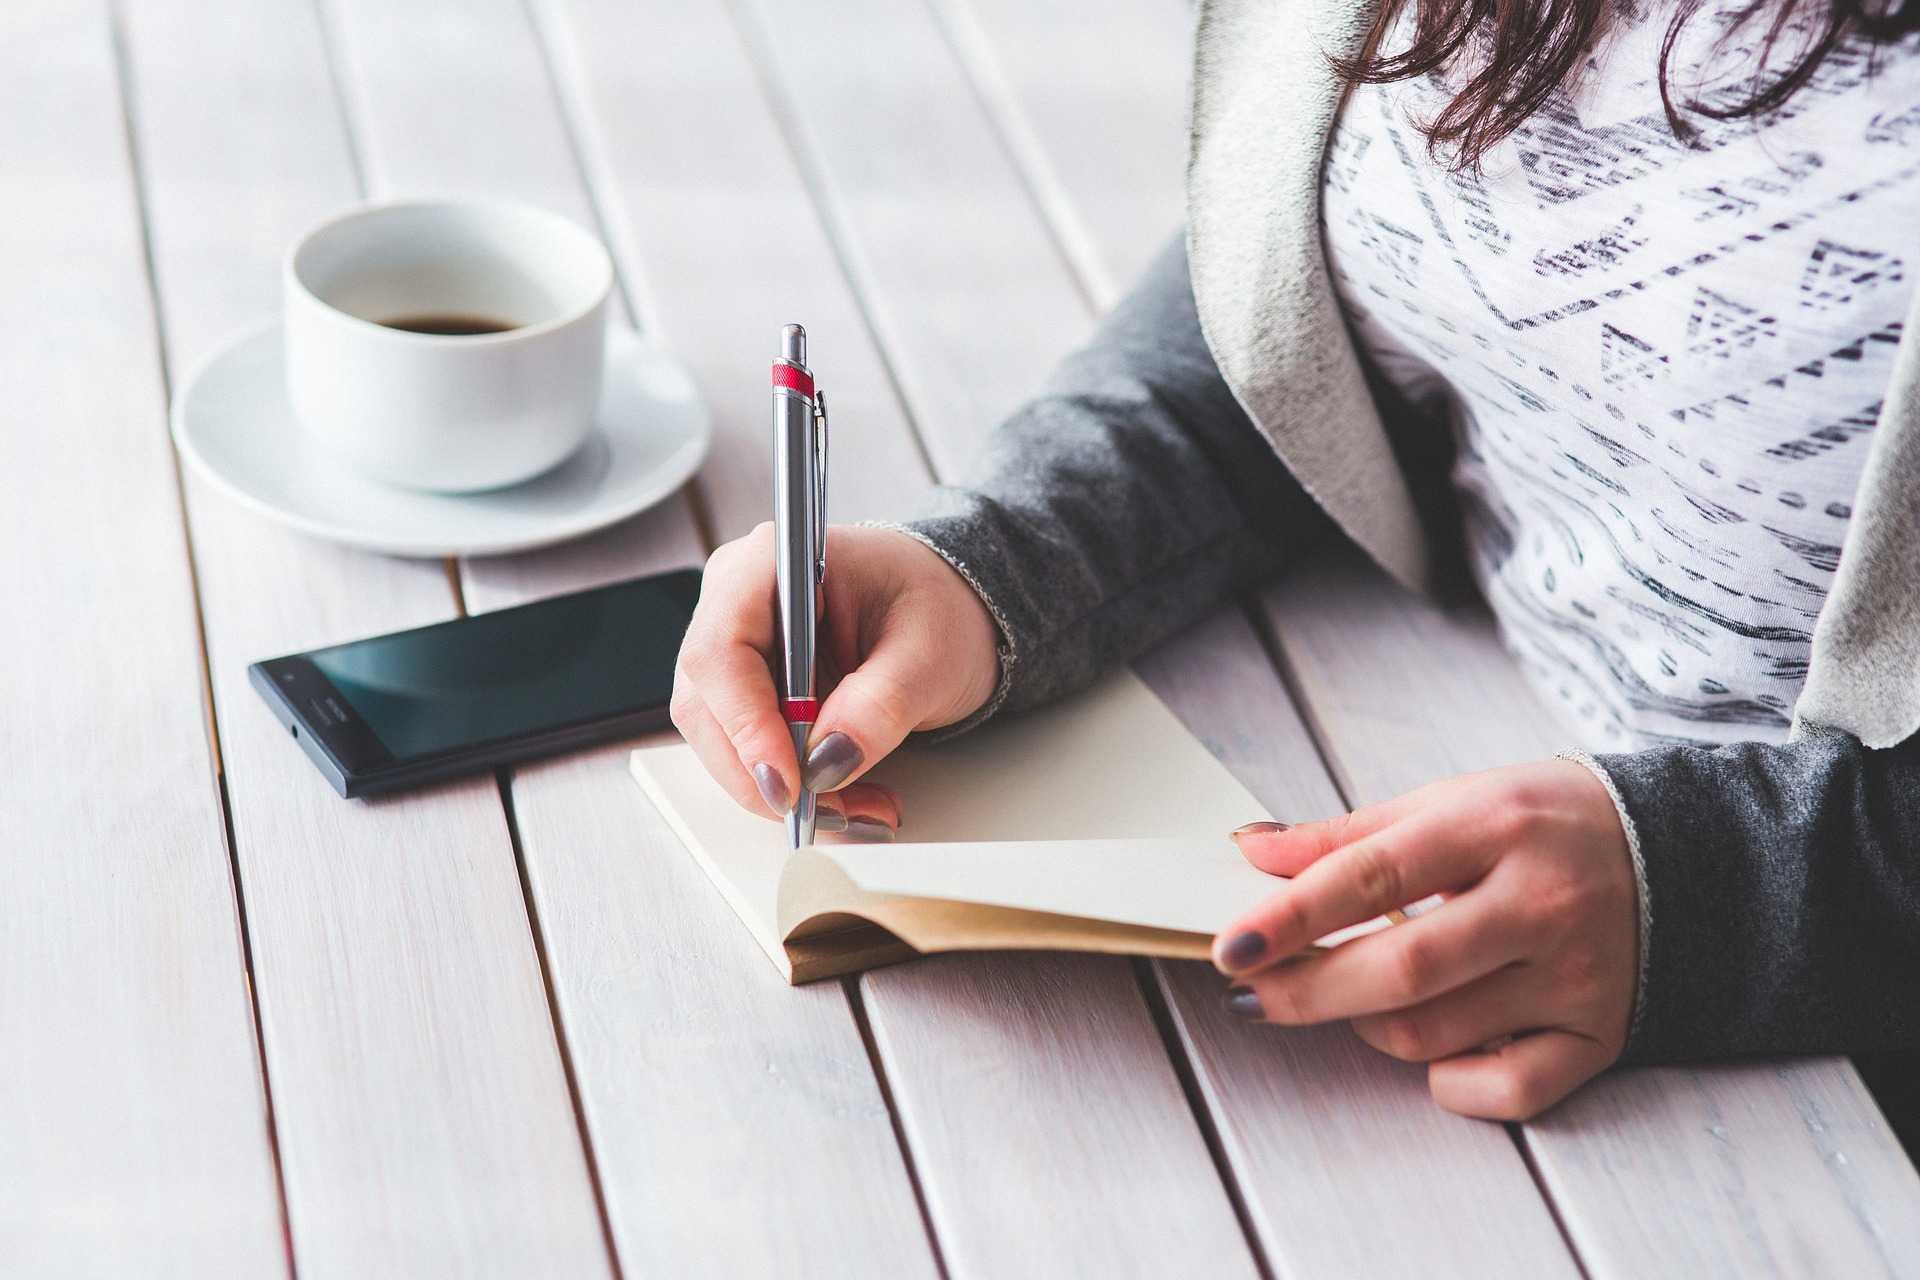 מהי כתיבה טיפולית עבורי?